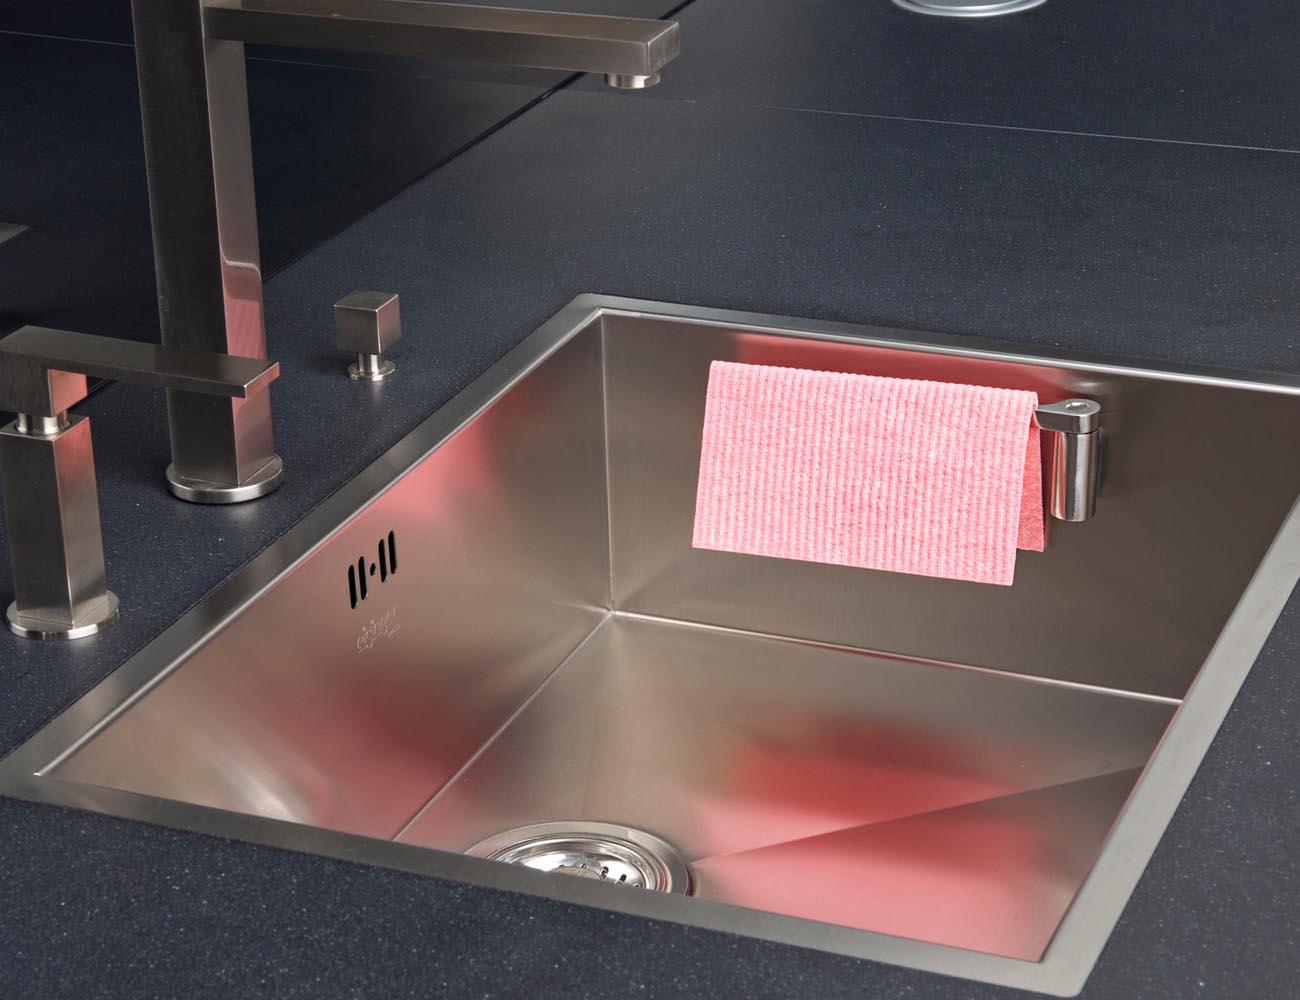 Magnetic Kitchen Cloth Holder